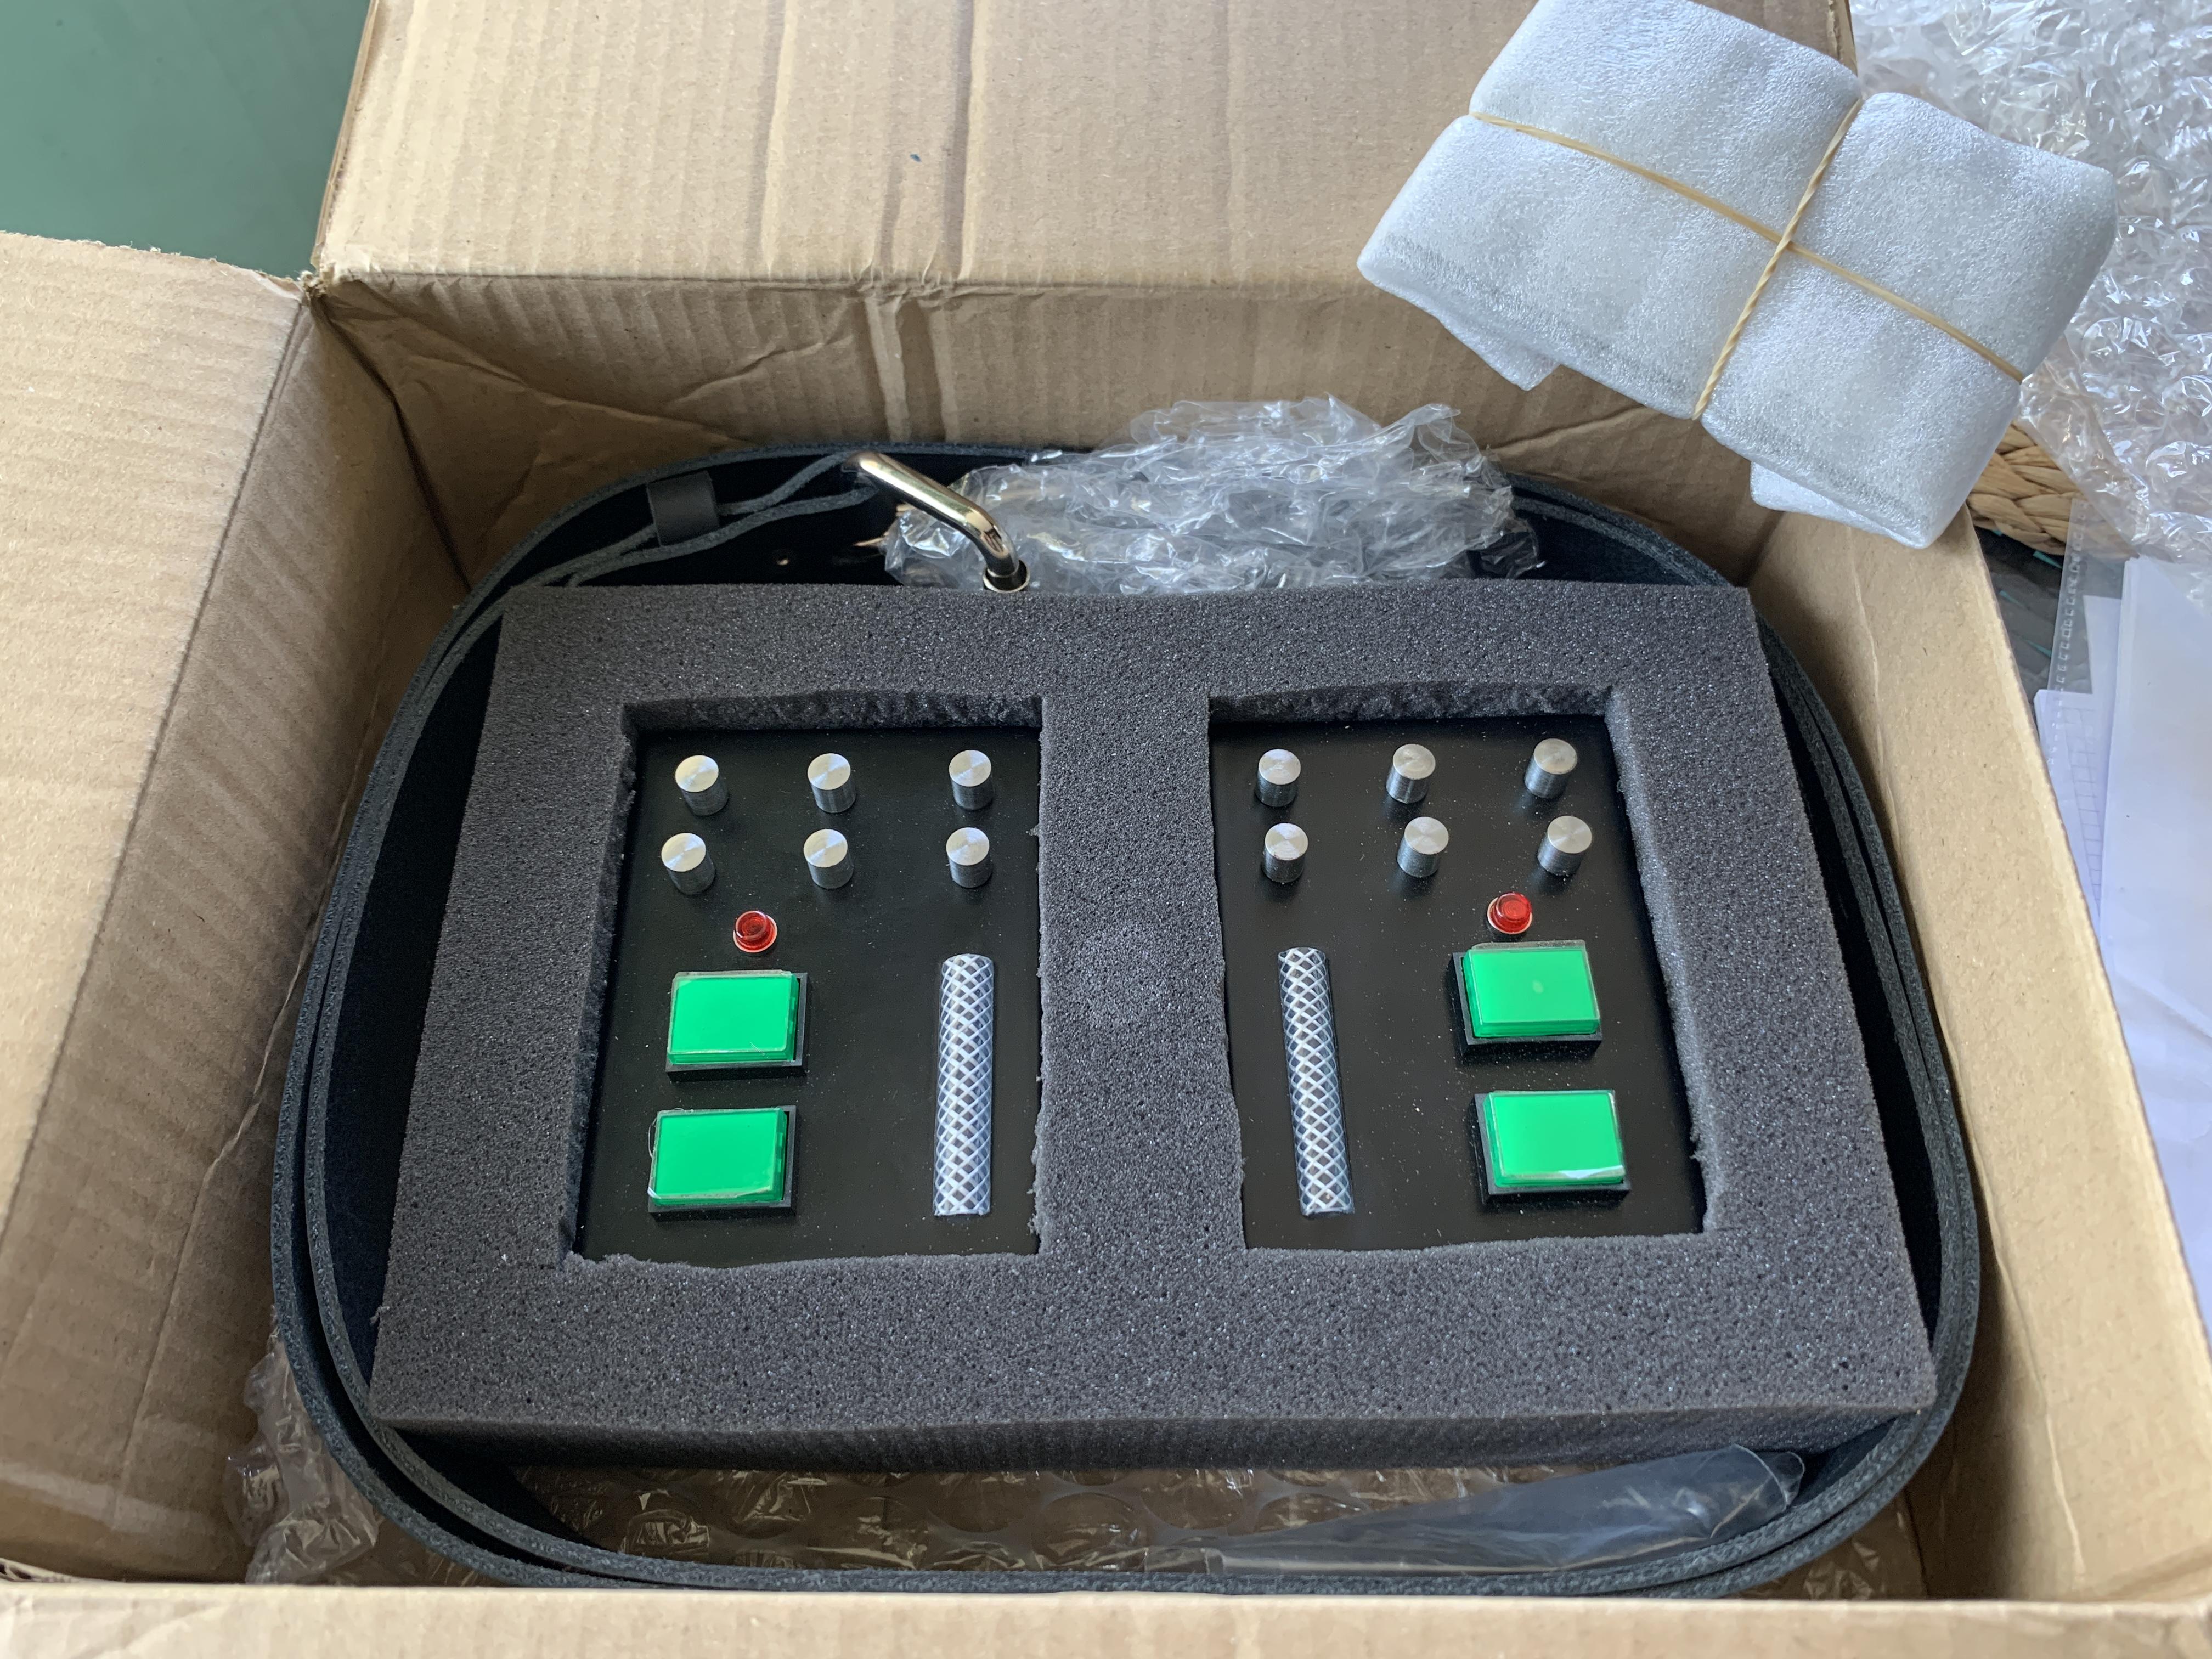 s12.directupload.net/images/user/200812/dnqh4boz.jpg